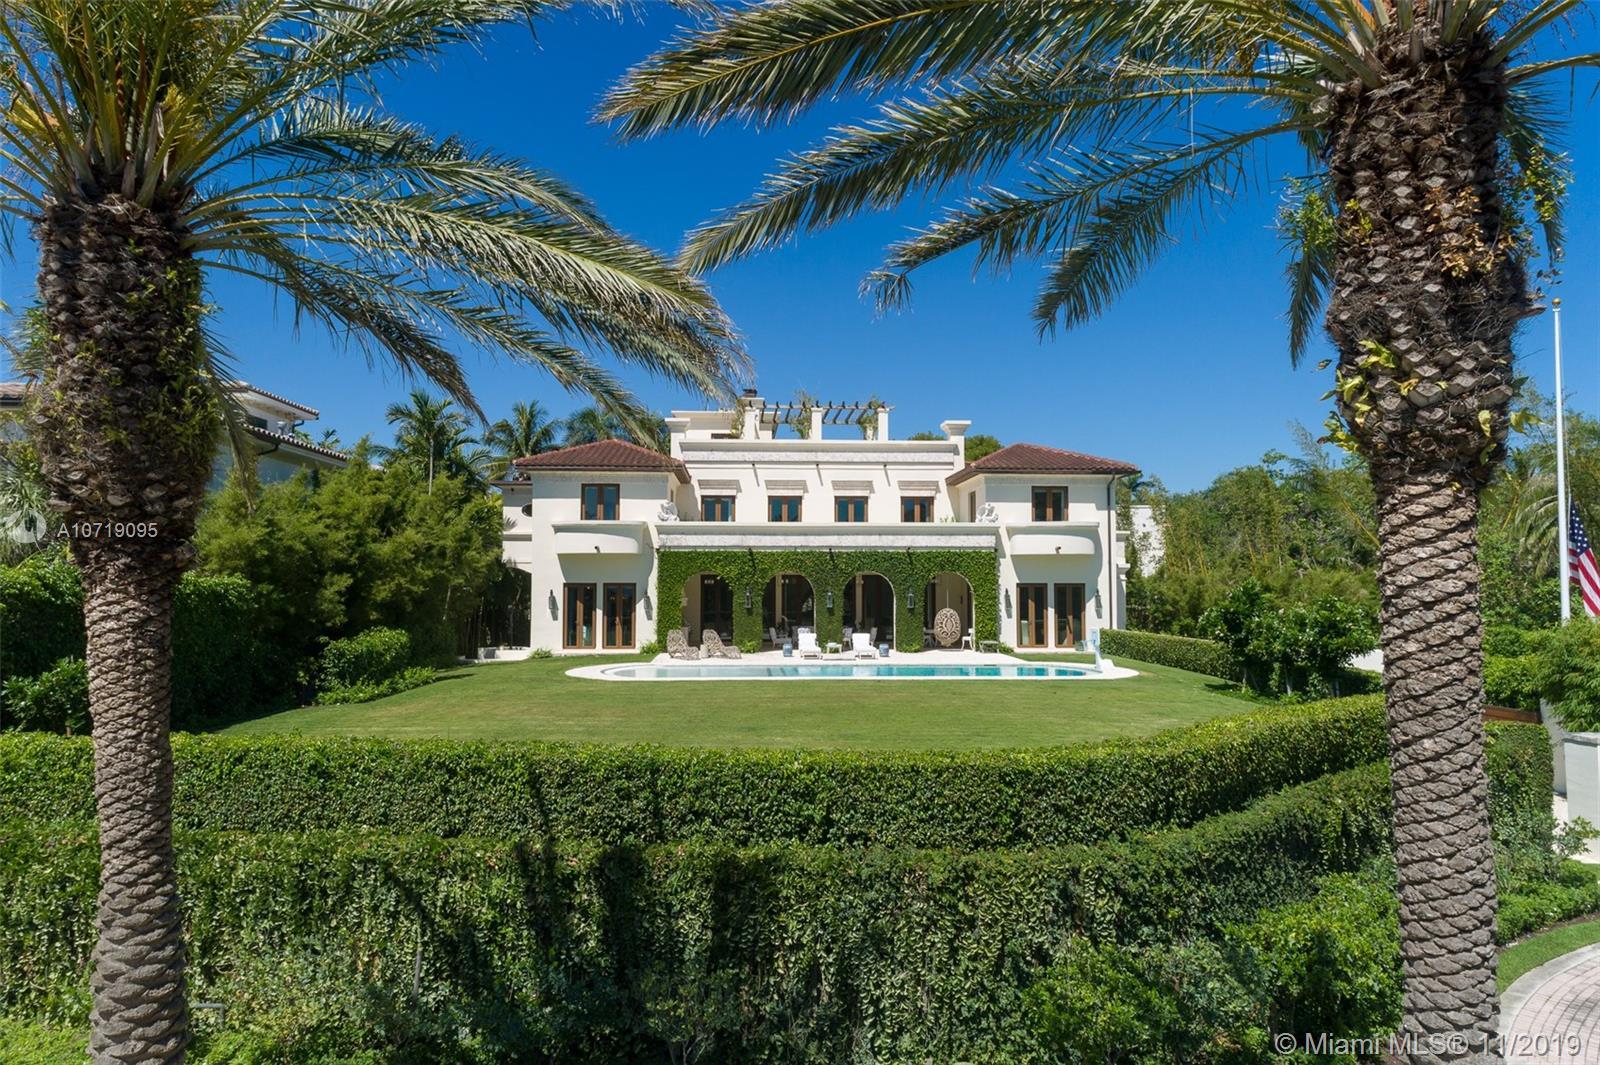 3310 Devon Ct Luxury Real Estate